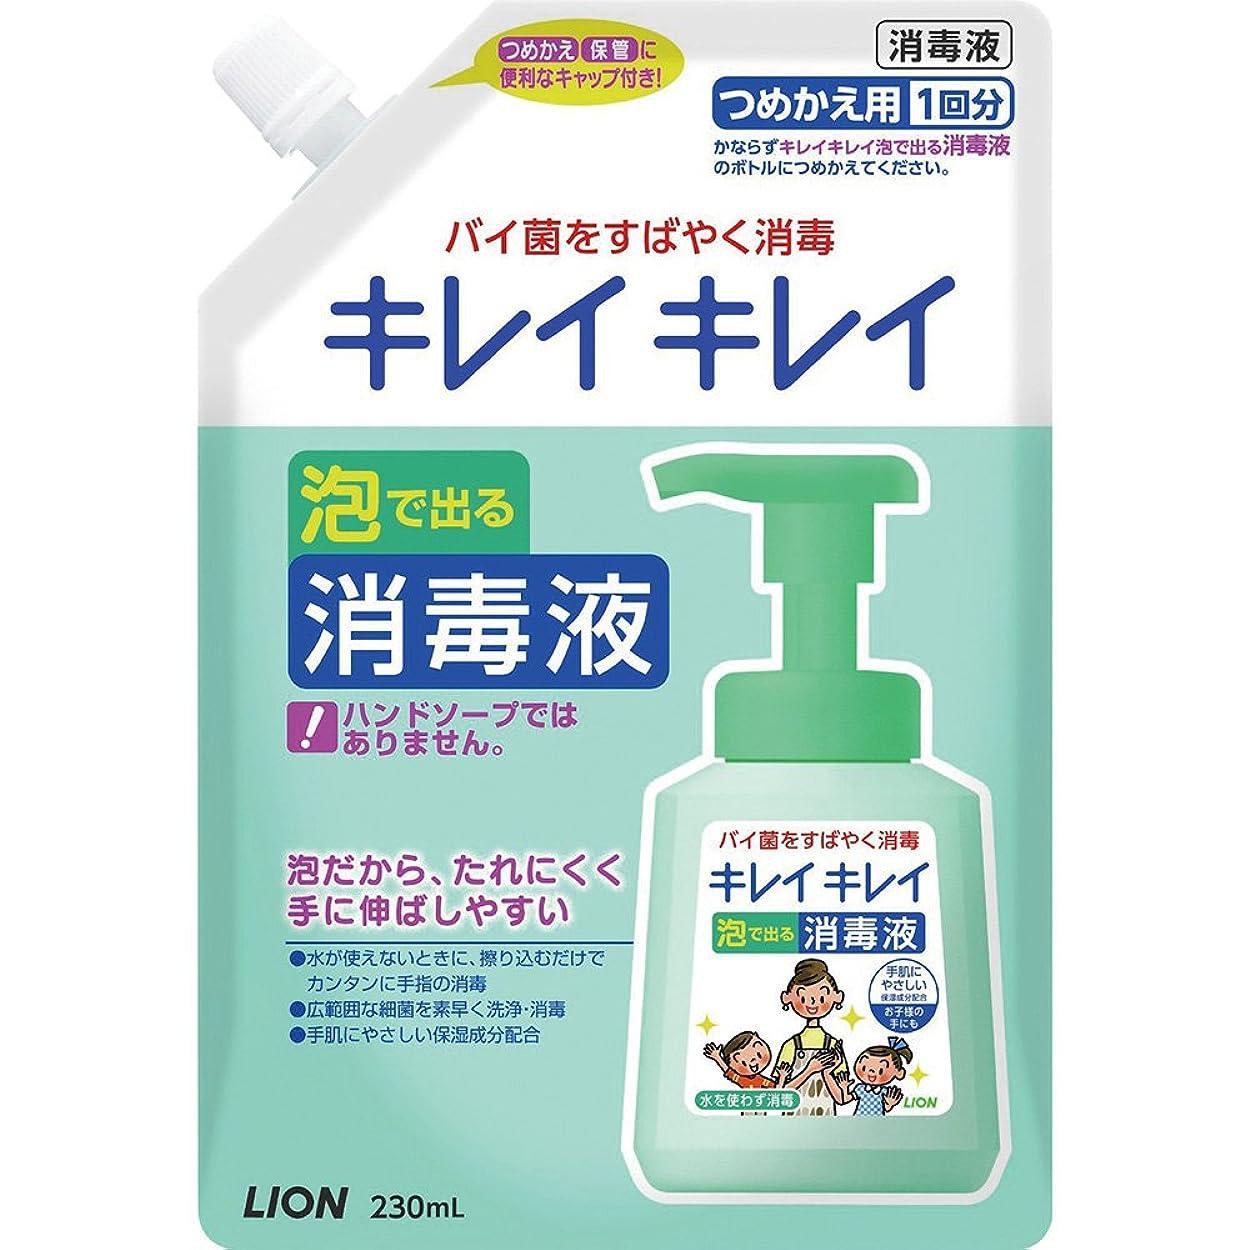 お祝い浸透するかどうかキレイキレイ 薬 泡ででる消毒液 詰替 230ml (指定医薬部外品)